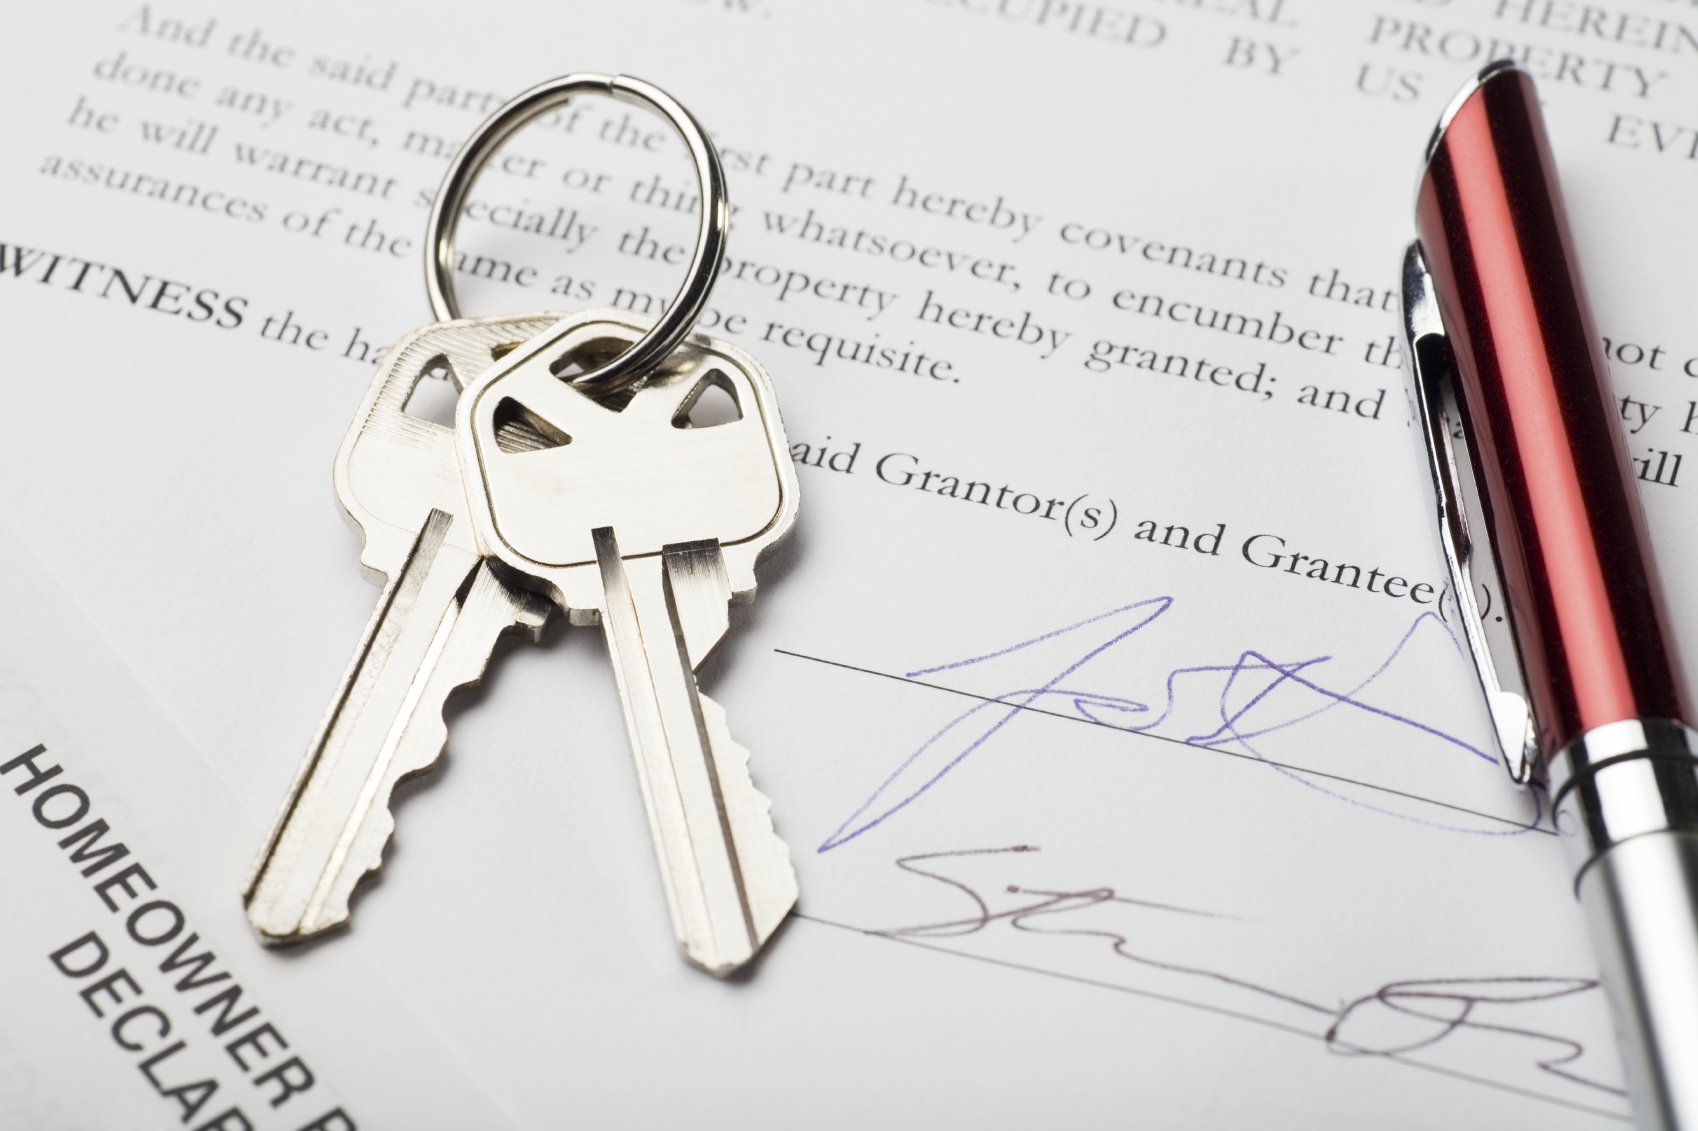 договор купли-продажи квартиры образец в рб